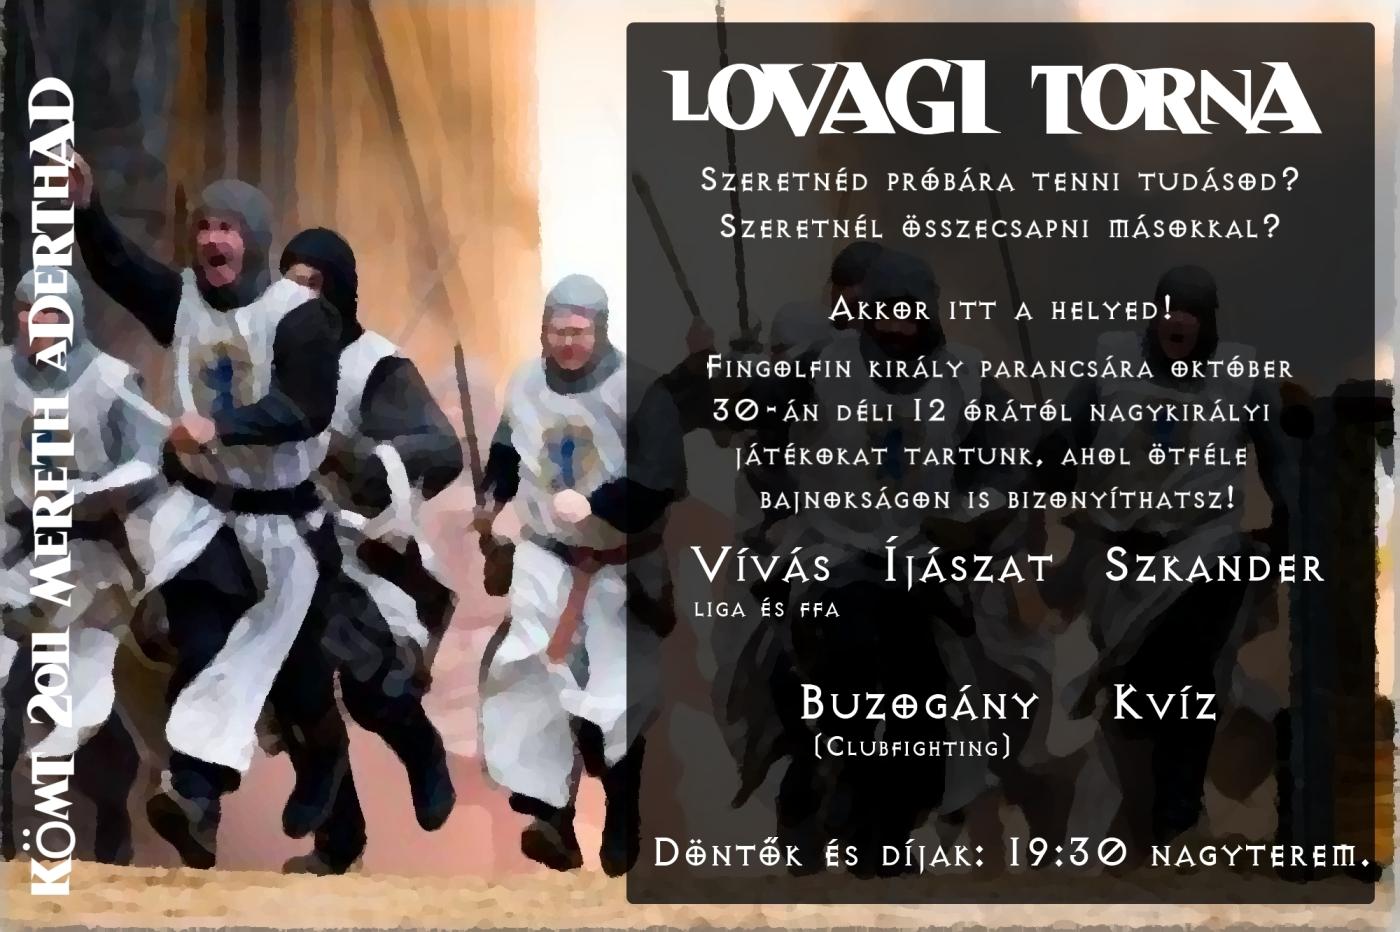 Lovagi_torna_1400.jpg